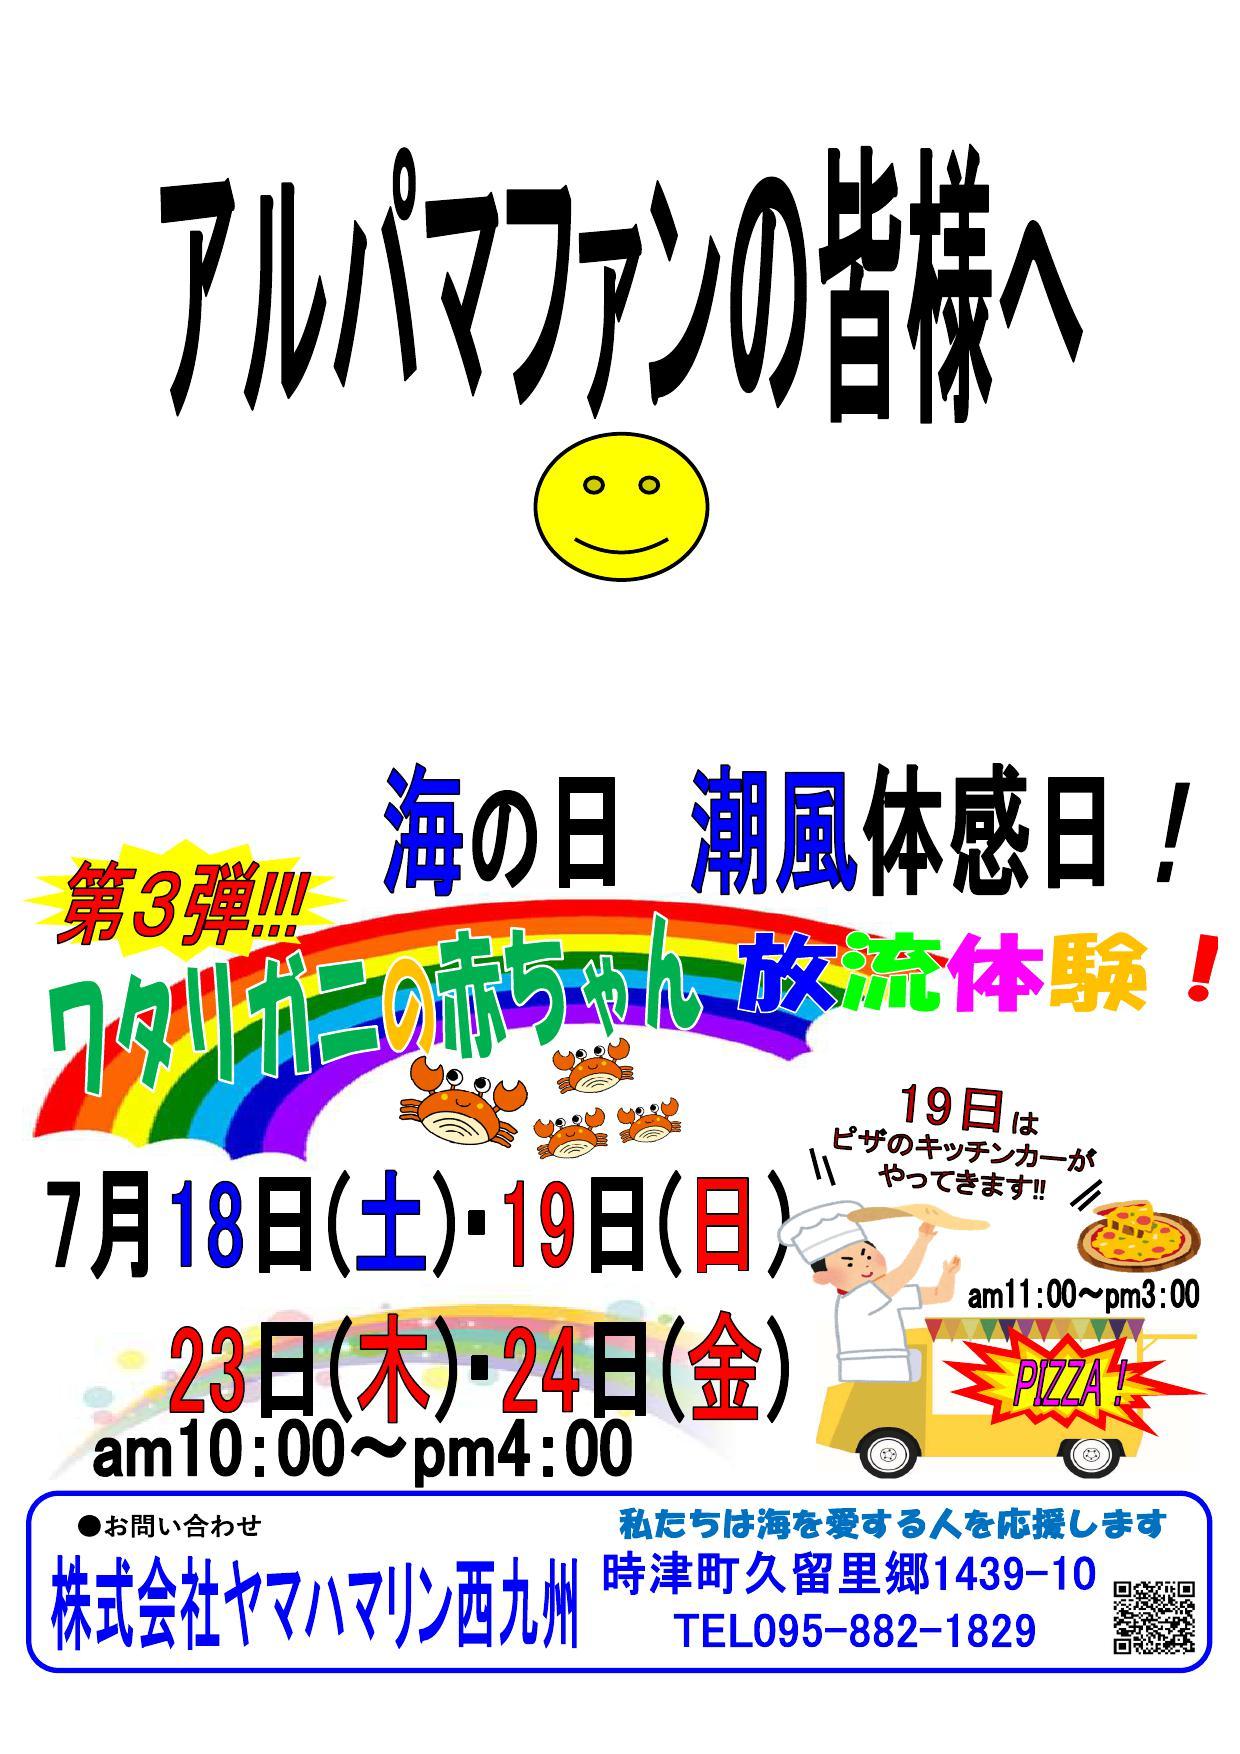 第3弾!!!!! ワタリガニの赤ちゃん!! 放流体験!!!!!